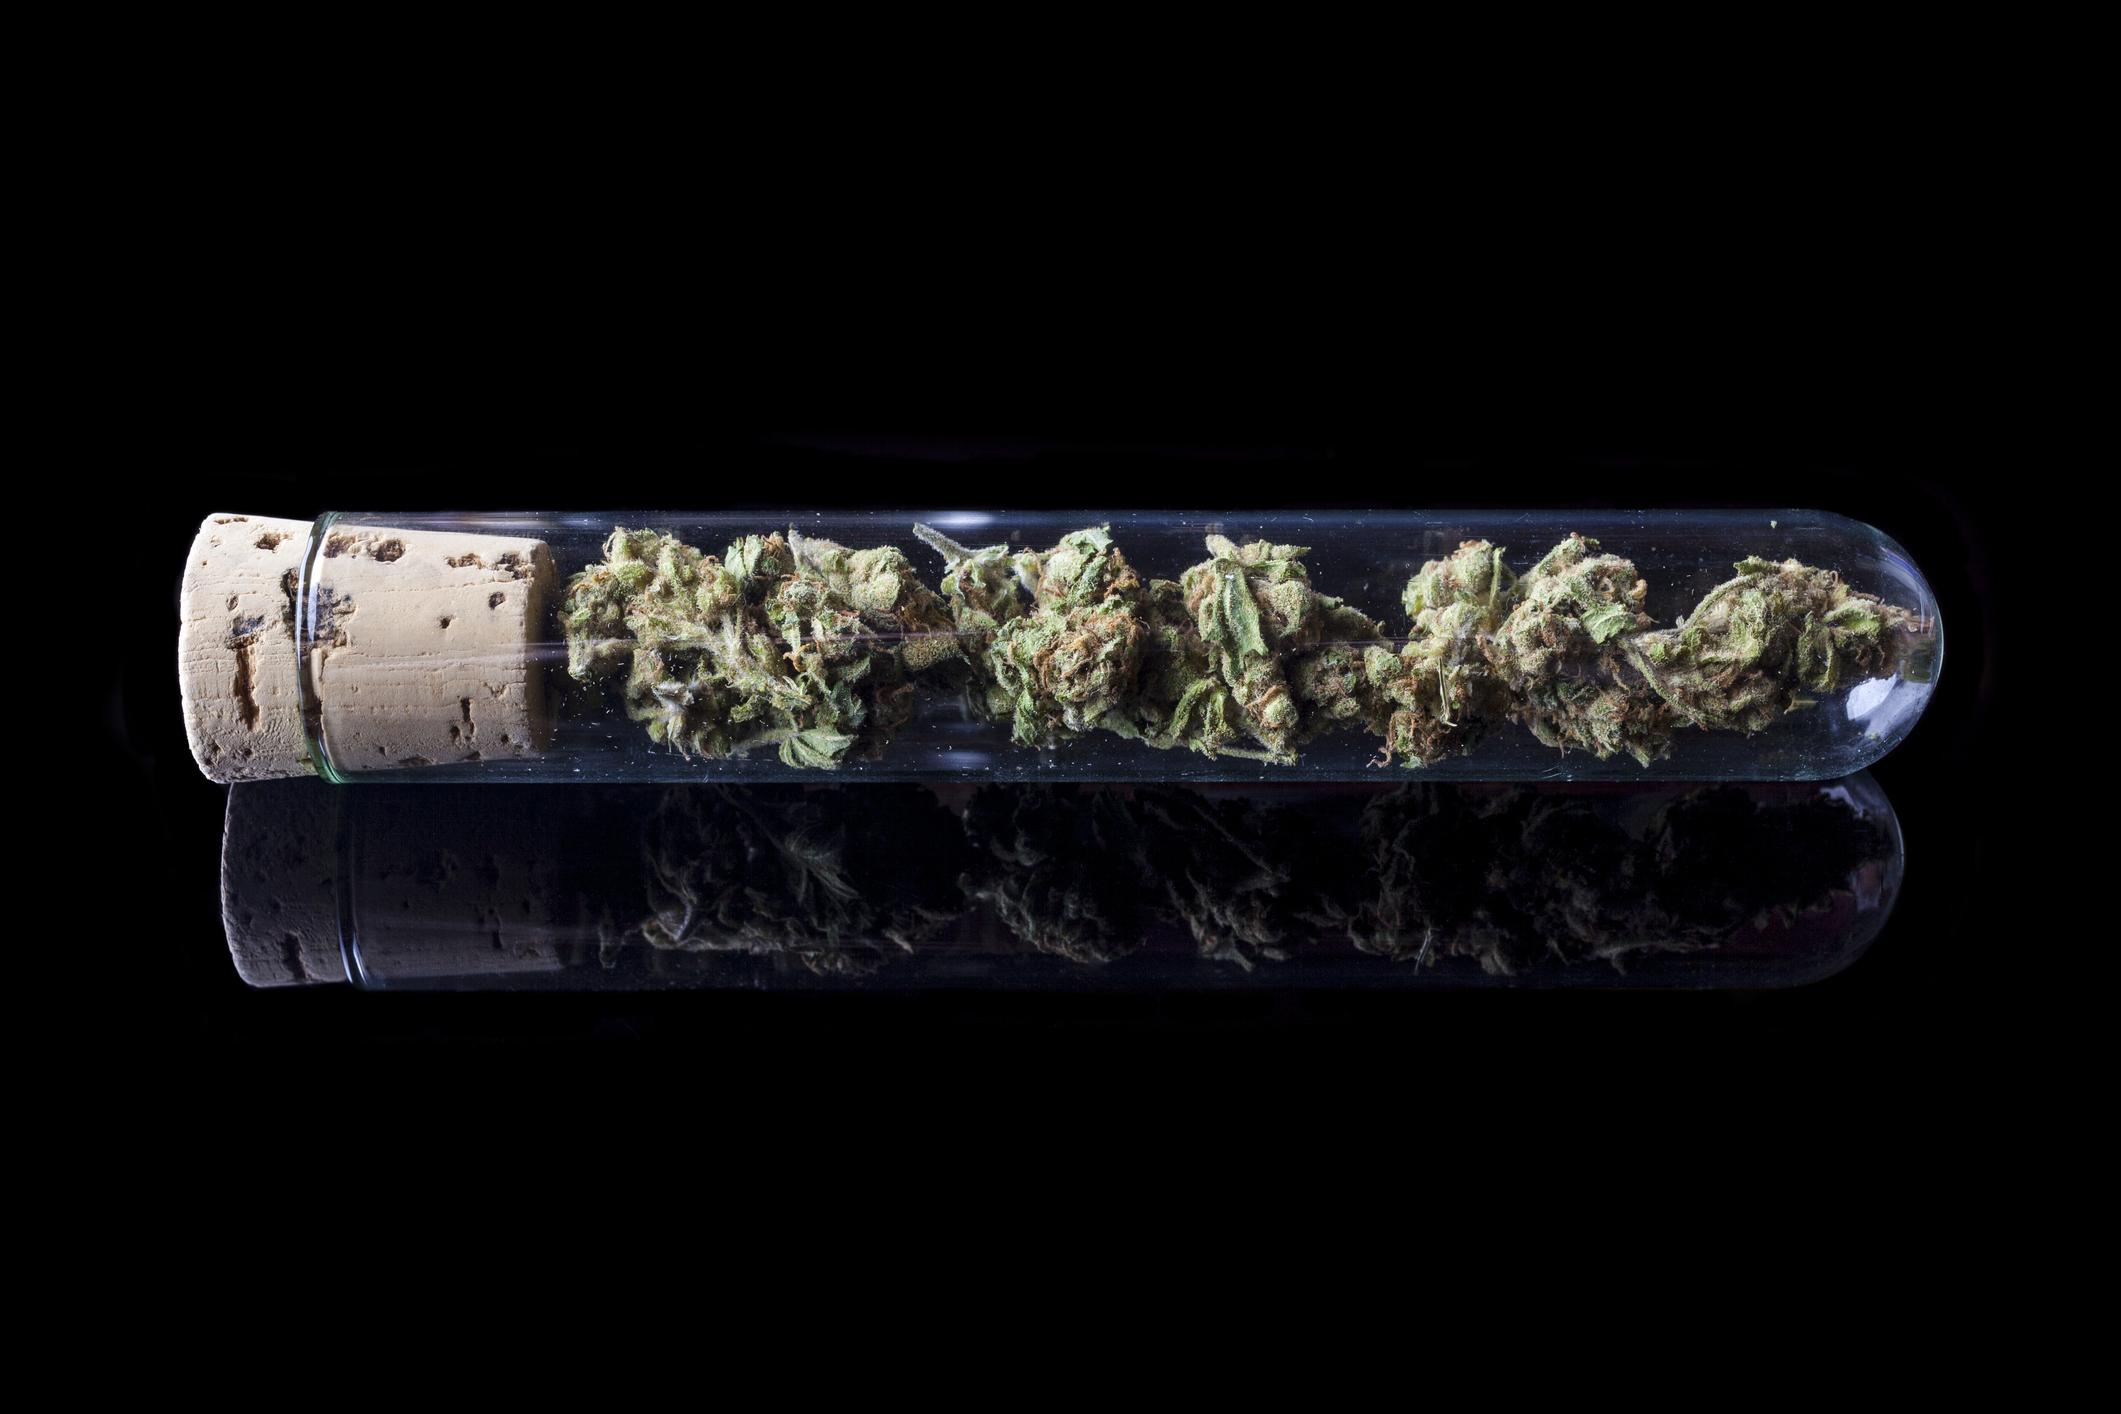 marijuana in a test tube